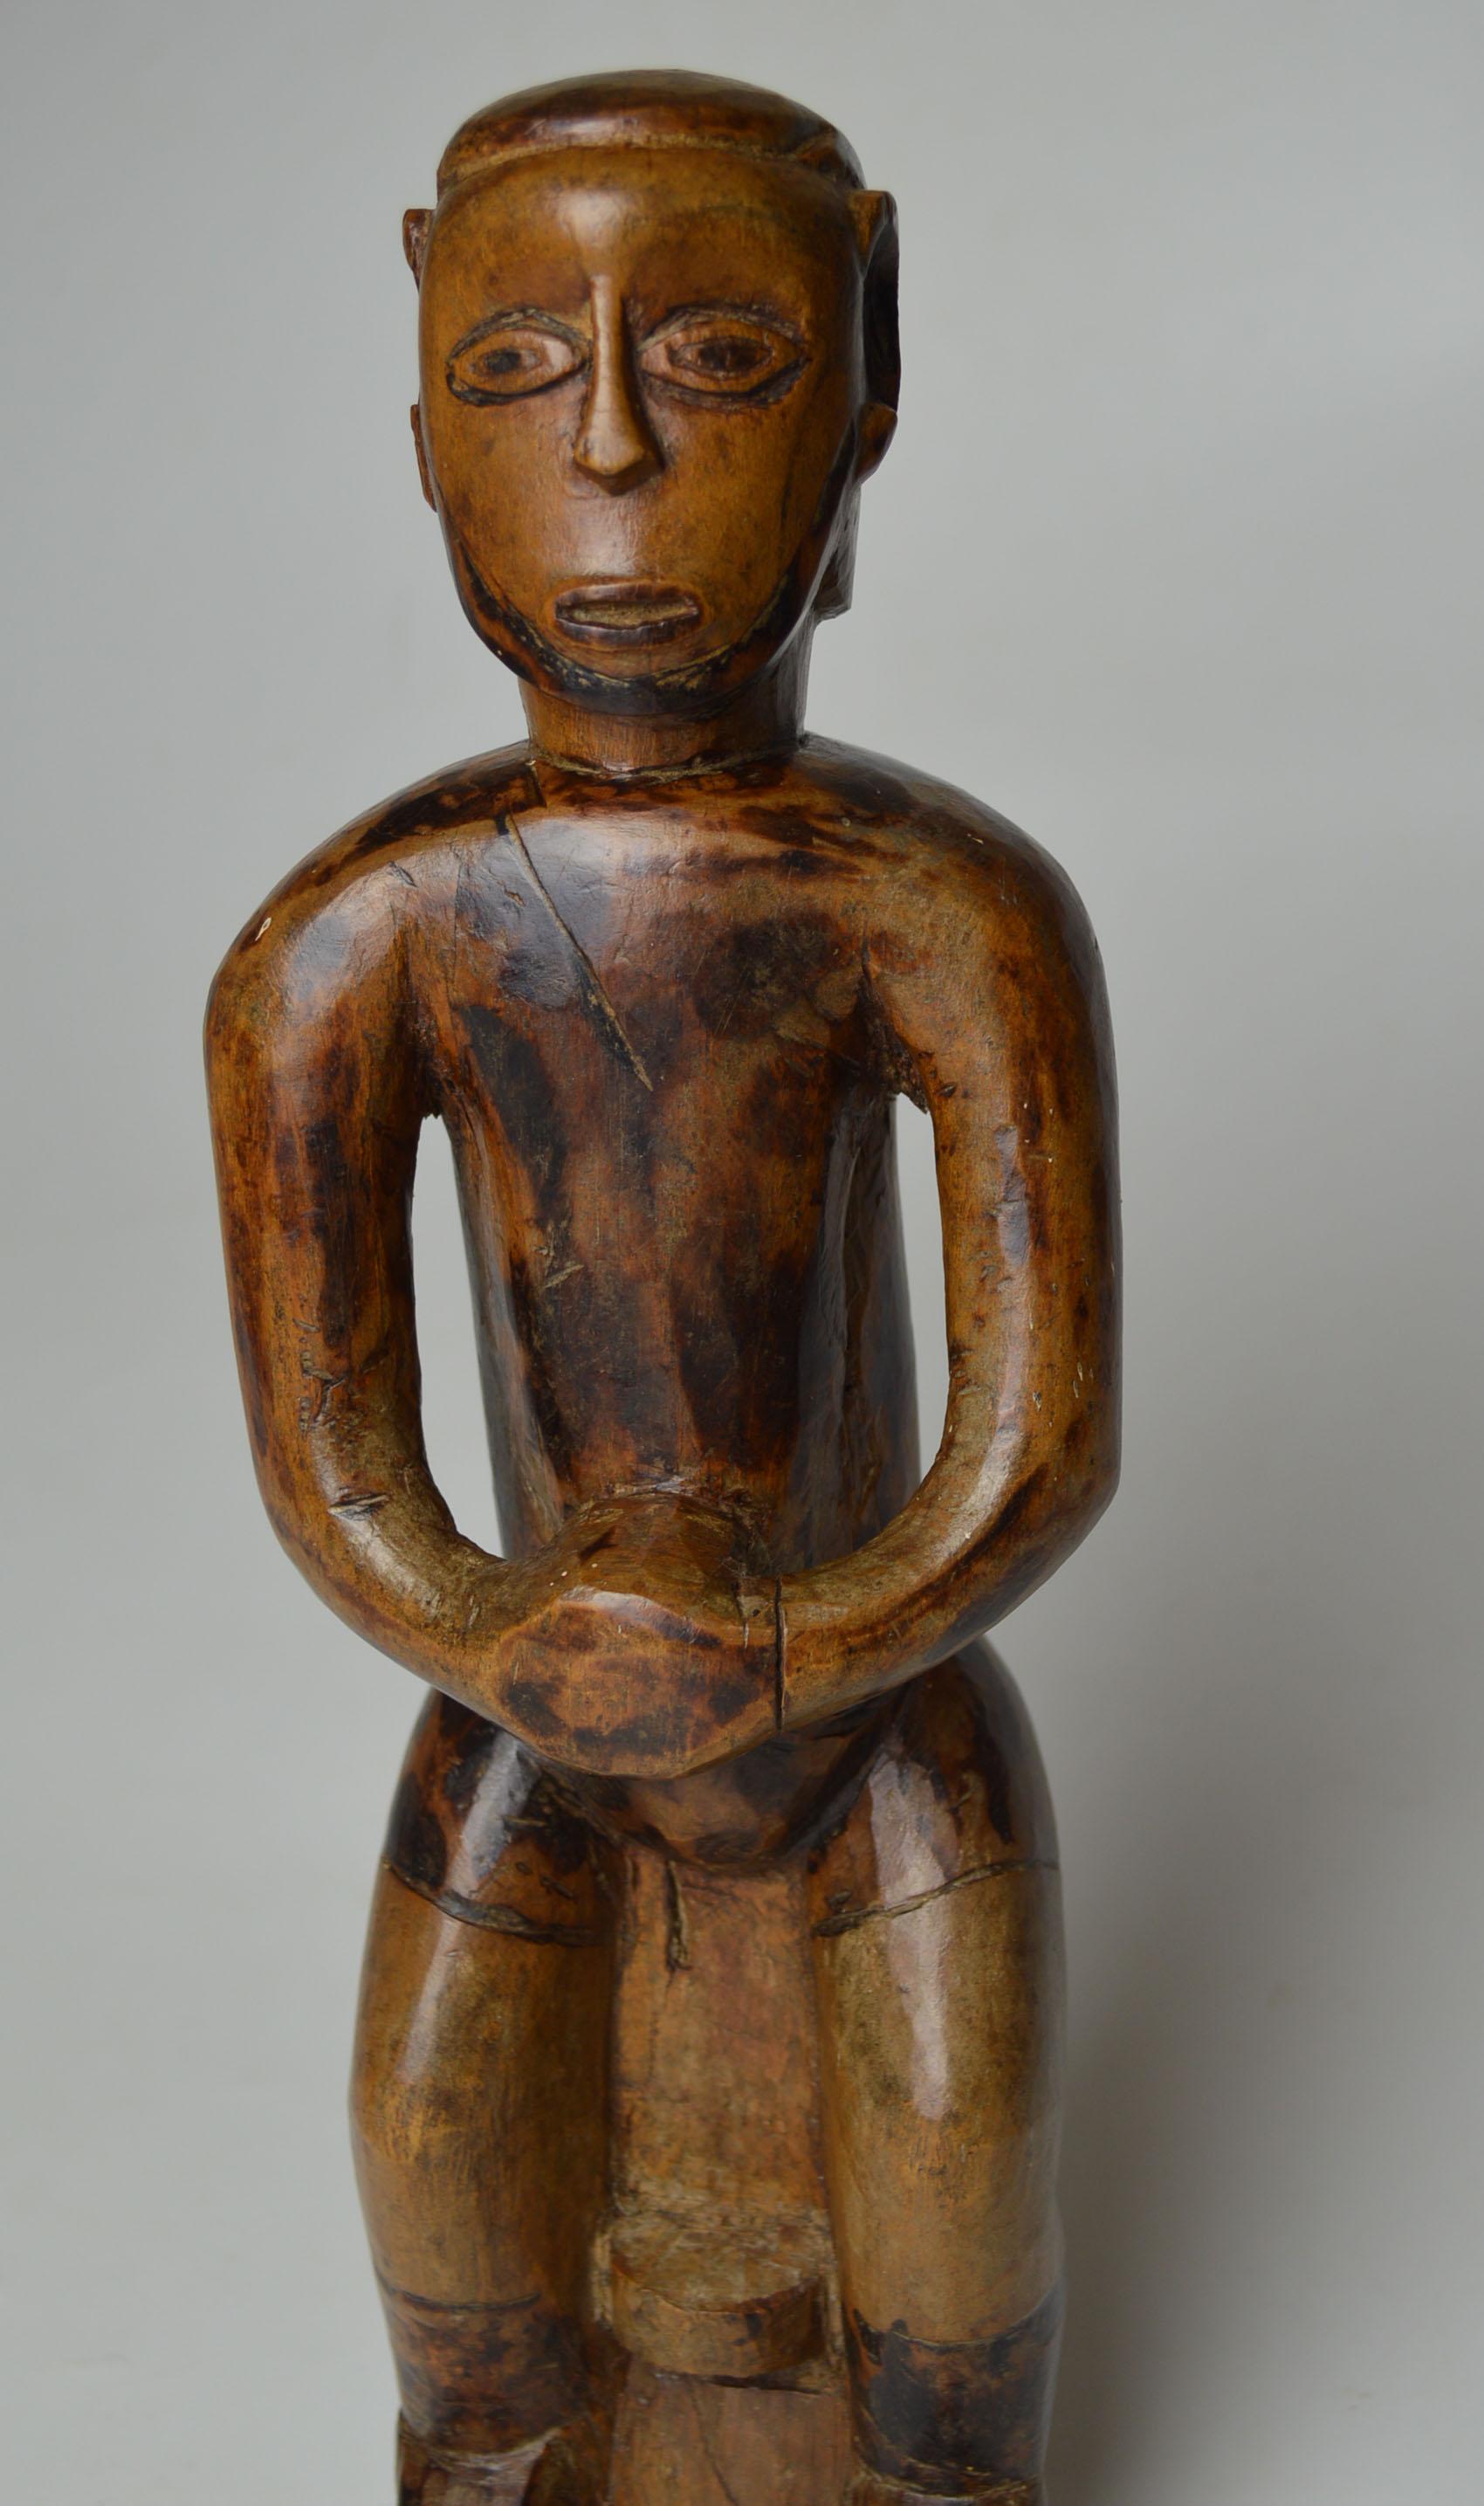 Congo Colon figure